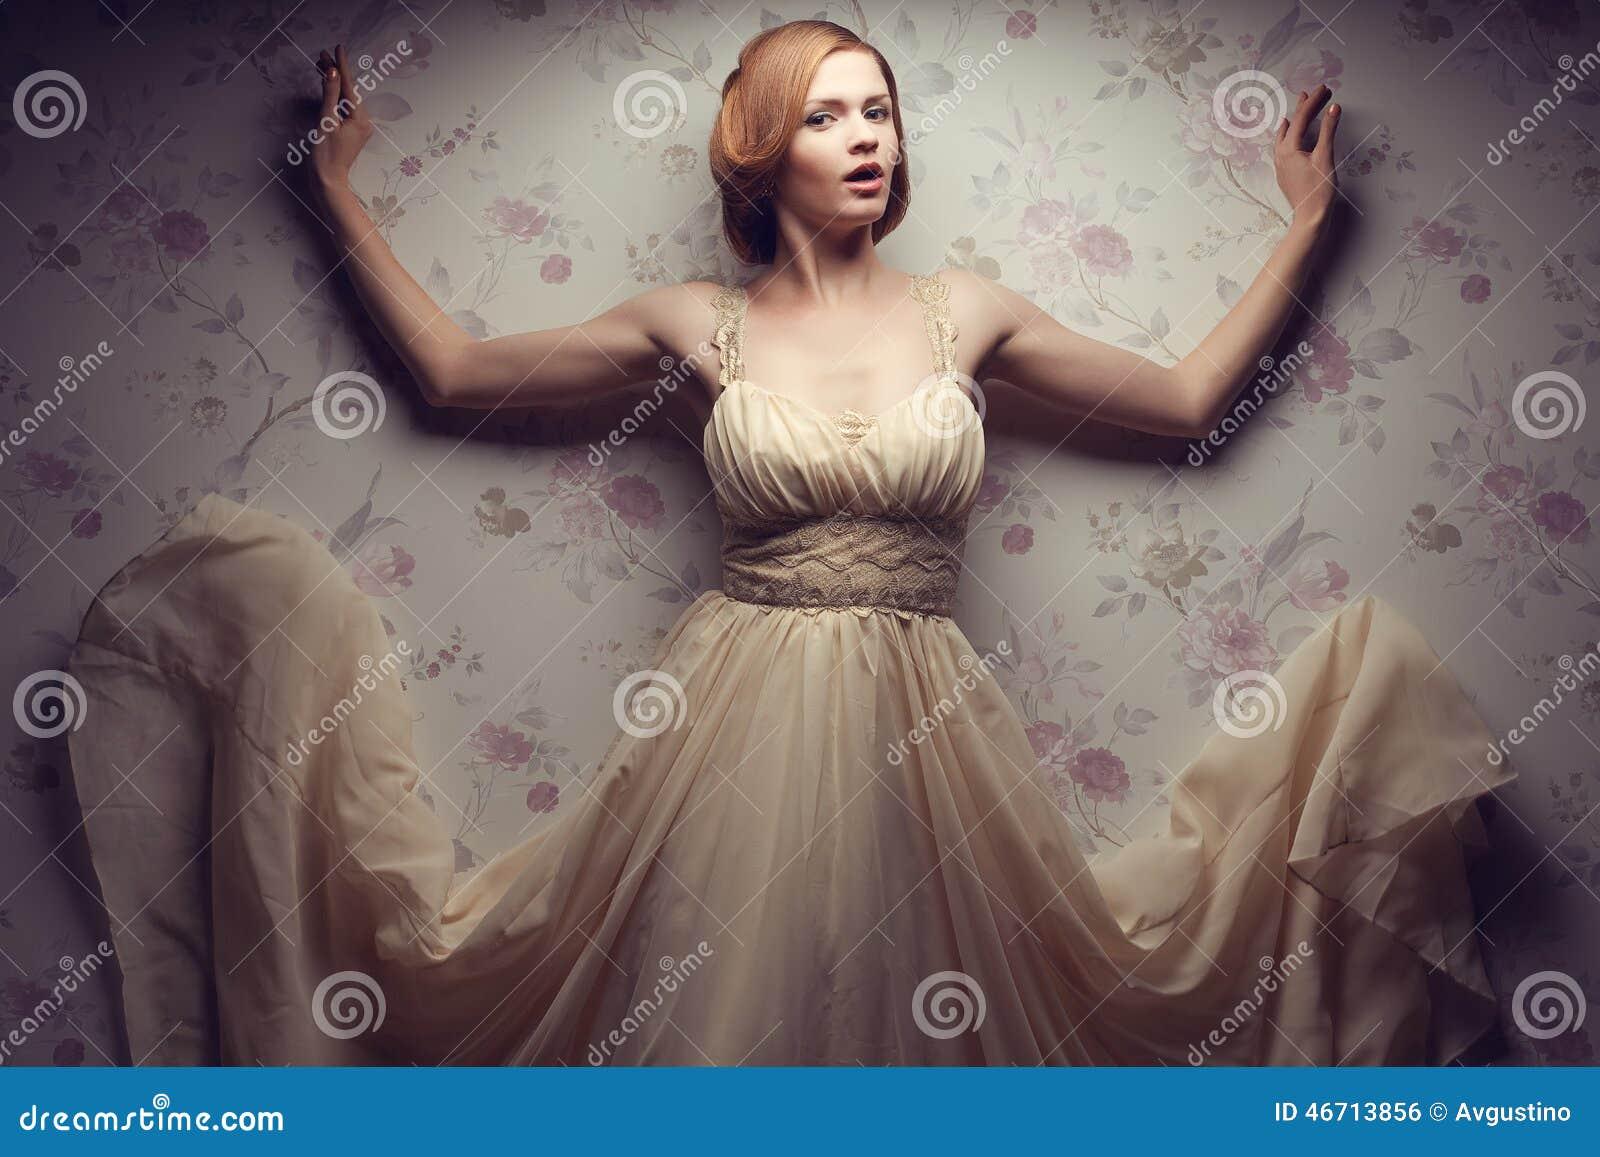 Εκλεκτής ποιότητας πορτρέτο του ευτυχούς γοητευτικού κοκκινομάλλους κοριτσιού στο δροσερό φόρεμα